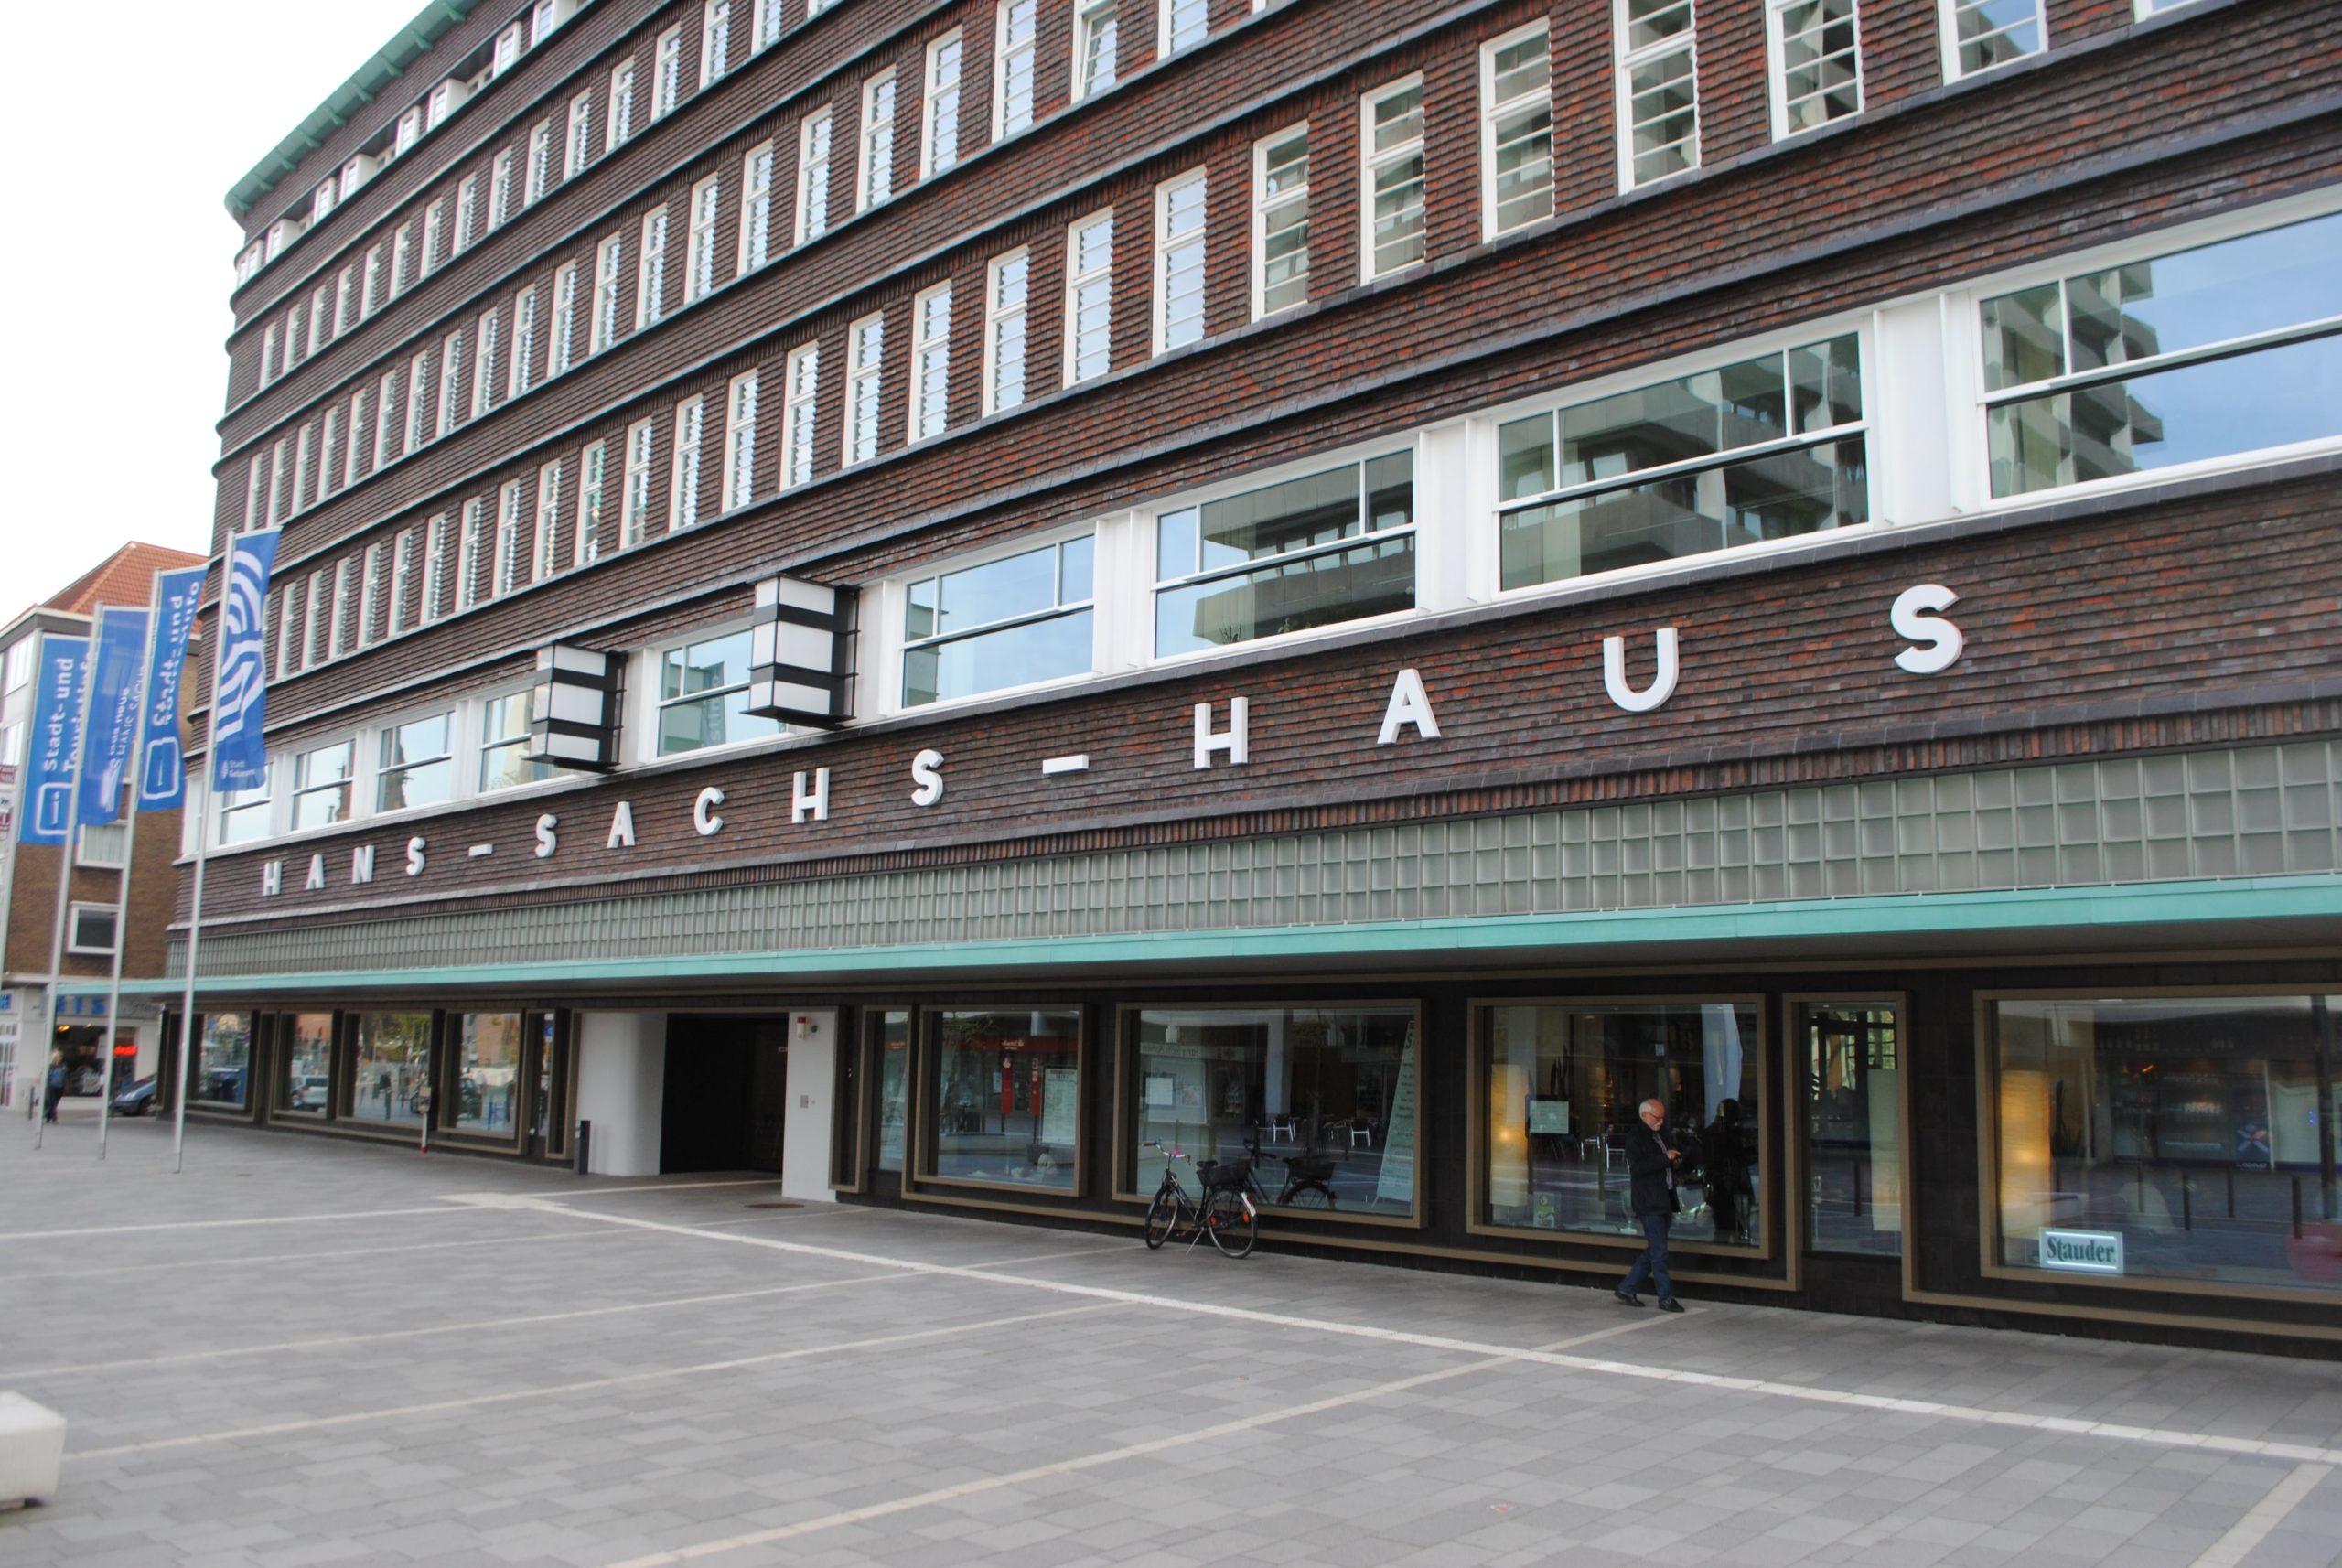 Gelsenkirchen erreicht im aktuellen bundesweiten Smart-City-Ranking des Digitalverbandes Bitkom den elften Platz. Damit verbessert sich die Stadt.